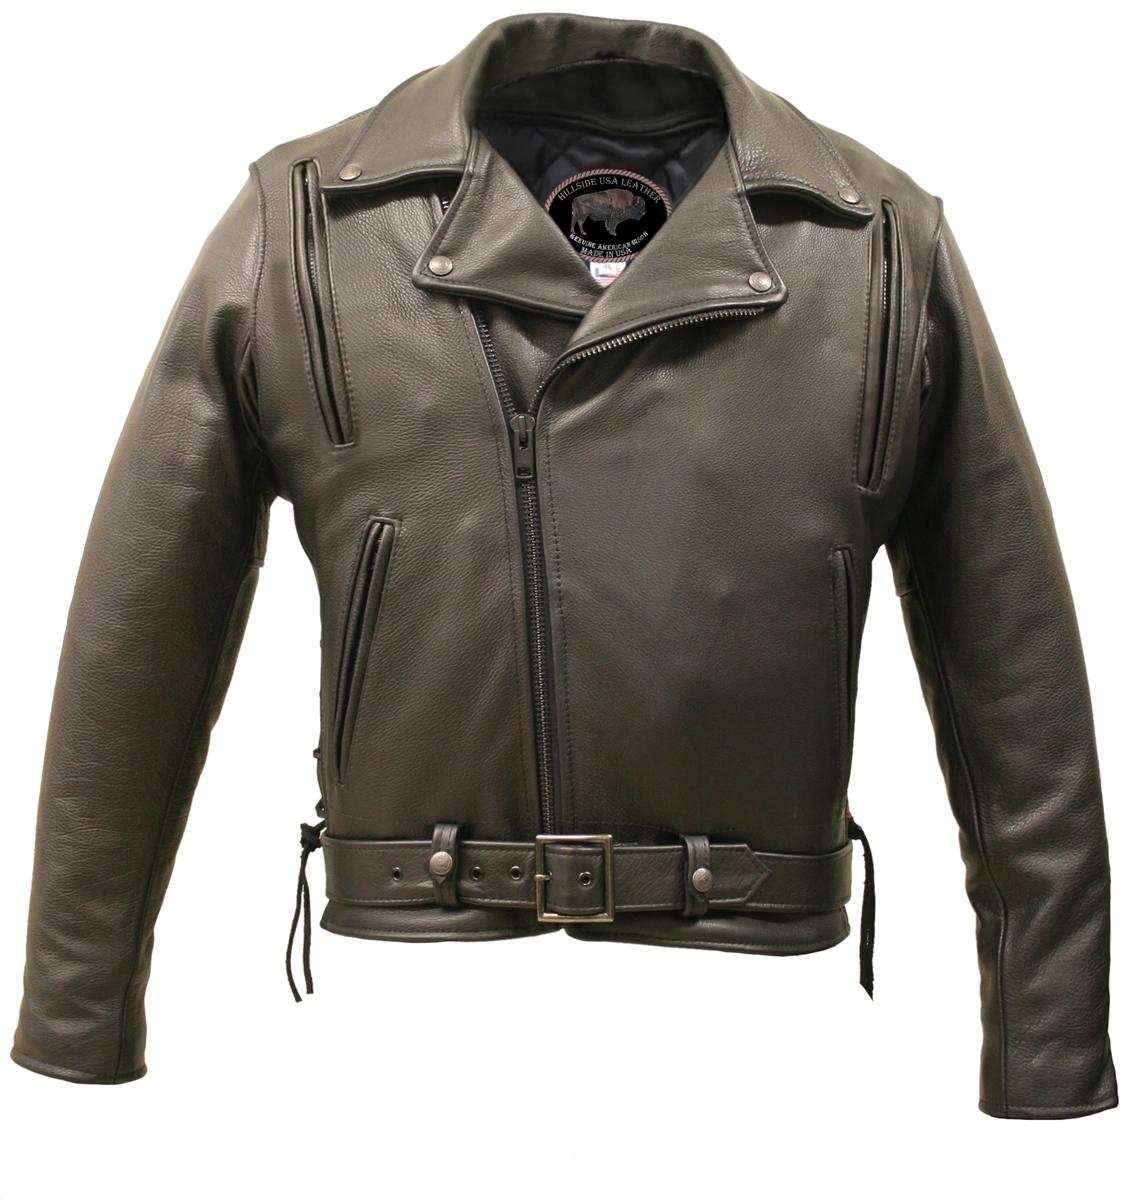 American Bison Vented Biker Jacket Hillside Usa Leather